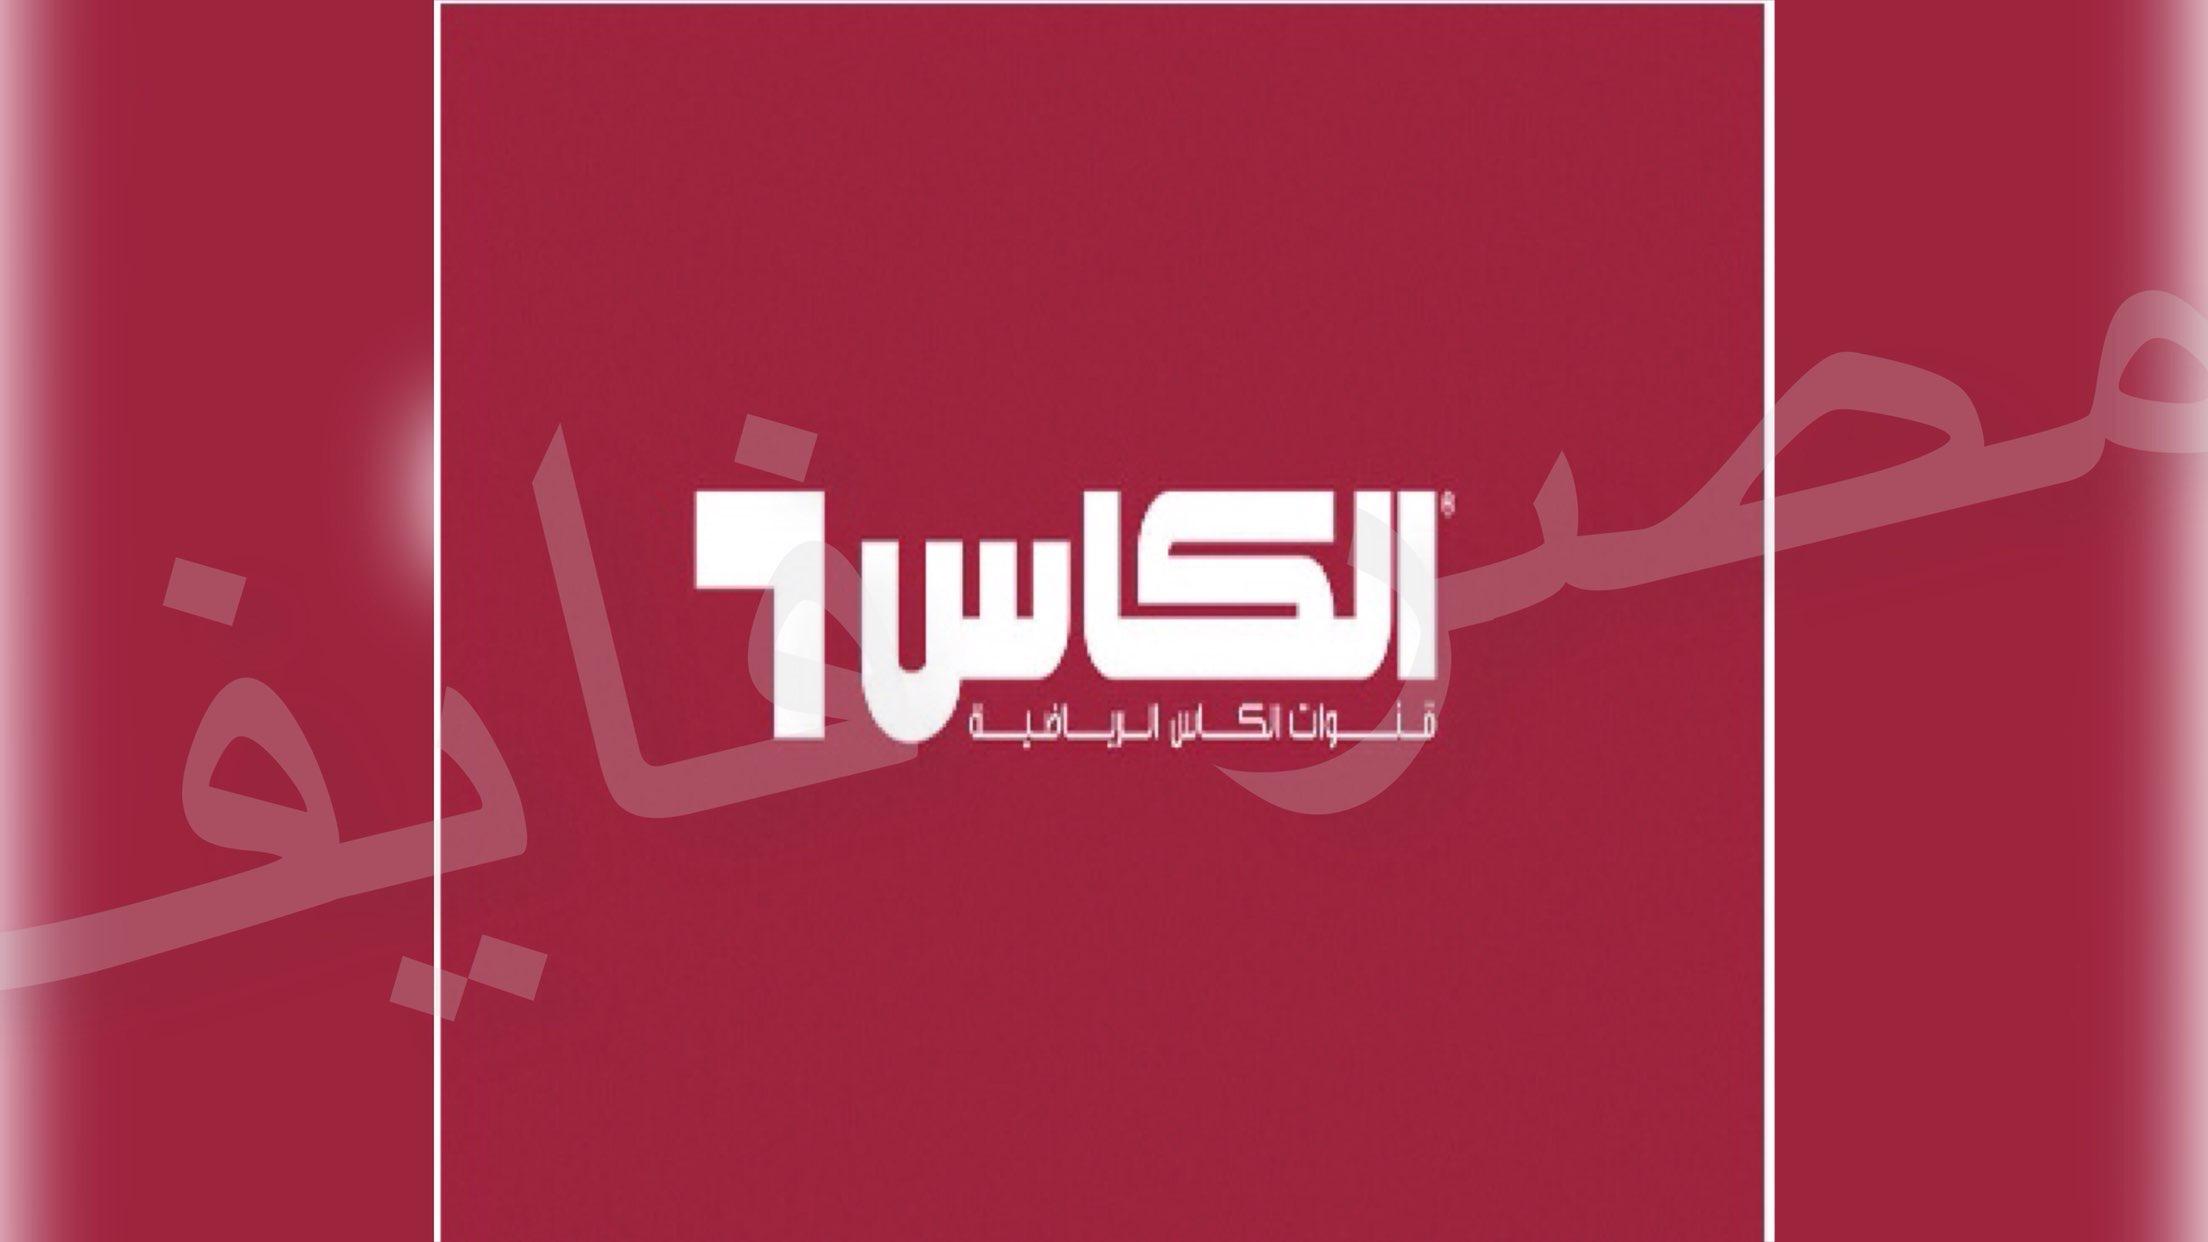 تردد قناة الكأس 4 المفتوحة على قمر النايل سات/ Alkass 4 Hd